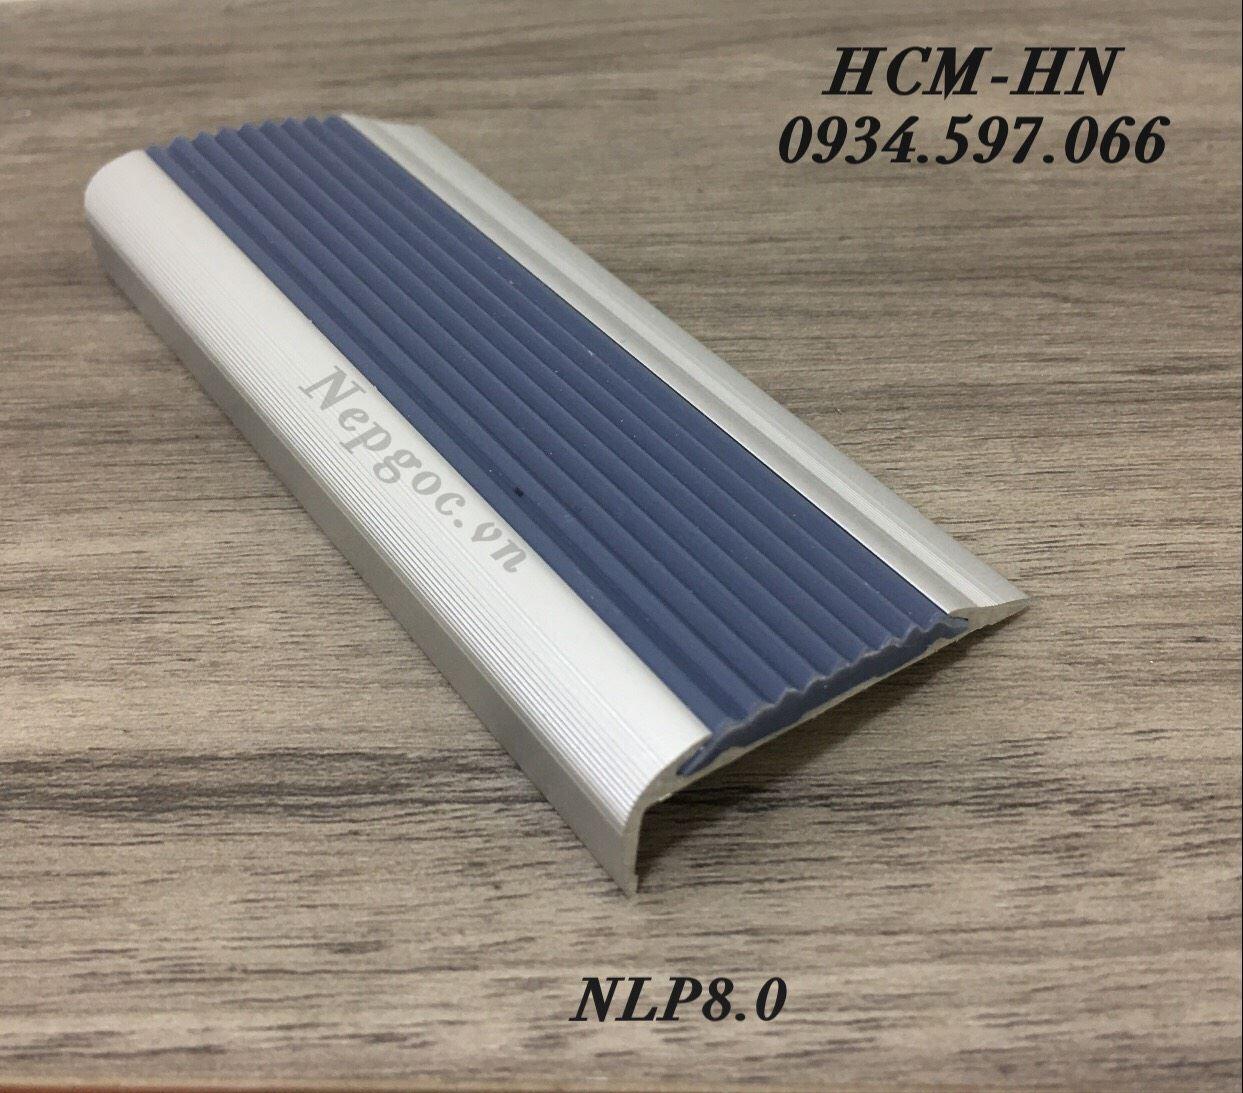 Nẹp chống trơn cầu thang NLP8.0- nẹp mũi bậc cầu thang NLP8.0